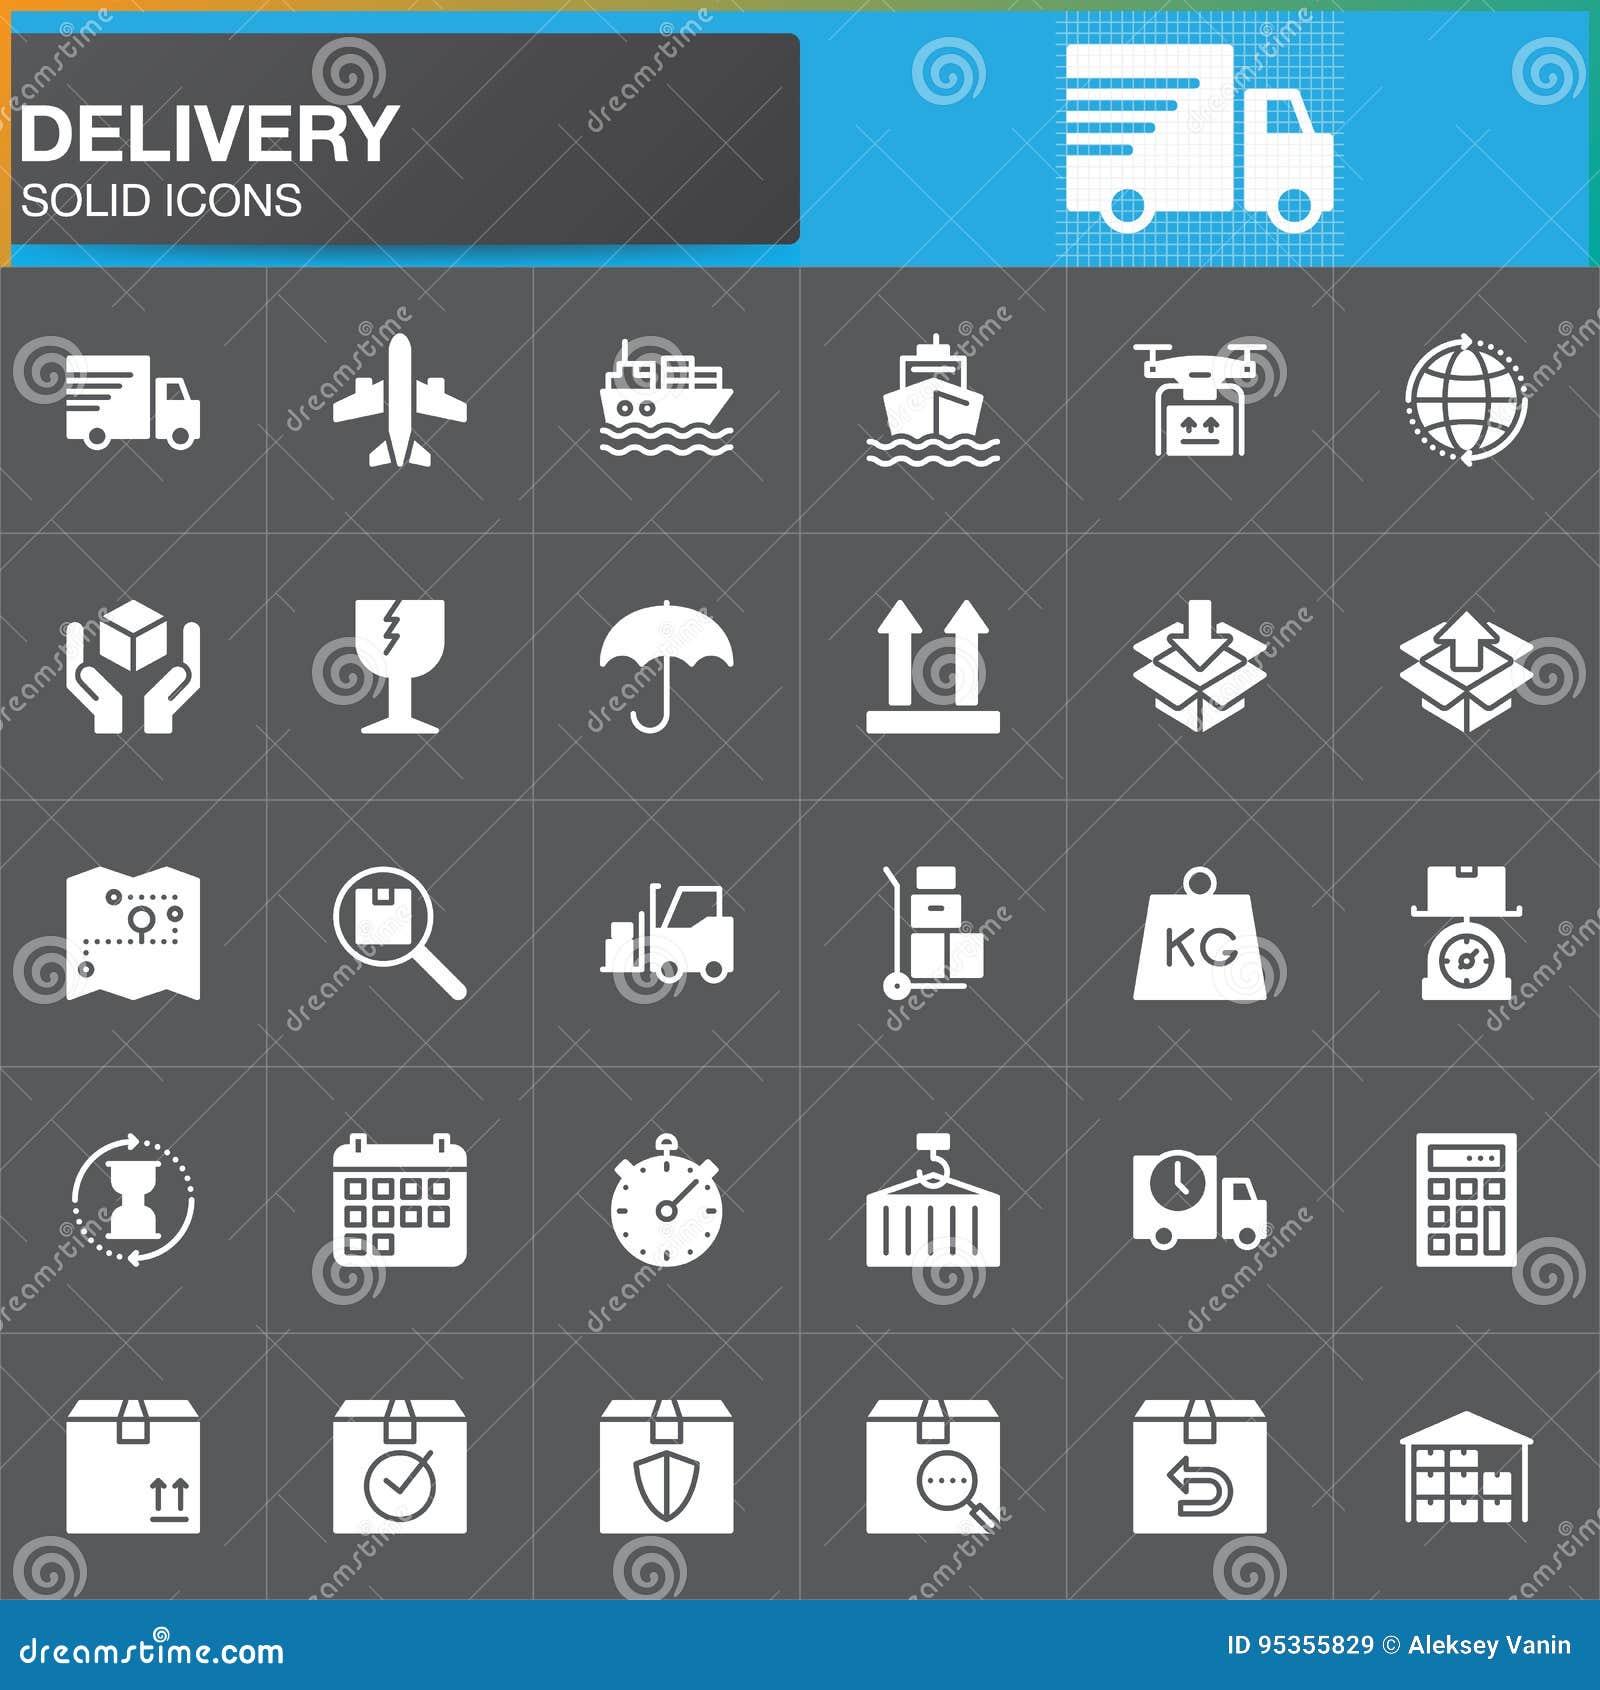 Iconos fijados, colección sólida moderna del símbolo, paquete blanco llenado del vector de la entrega y de la logística del picto